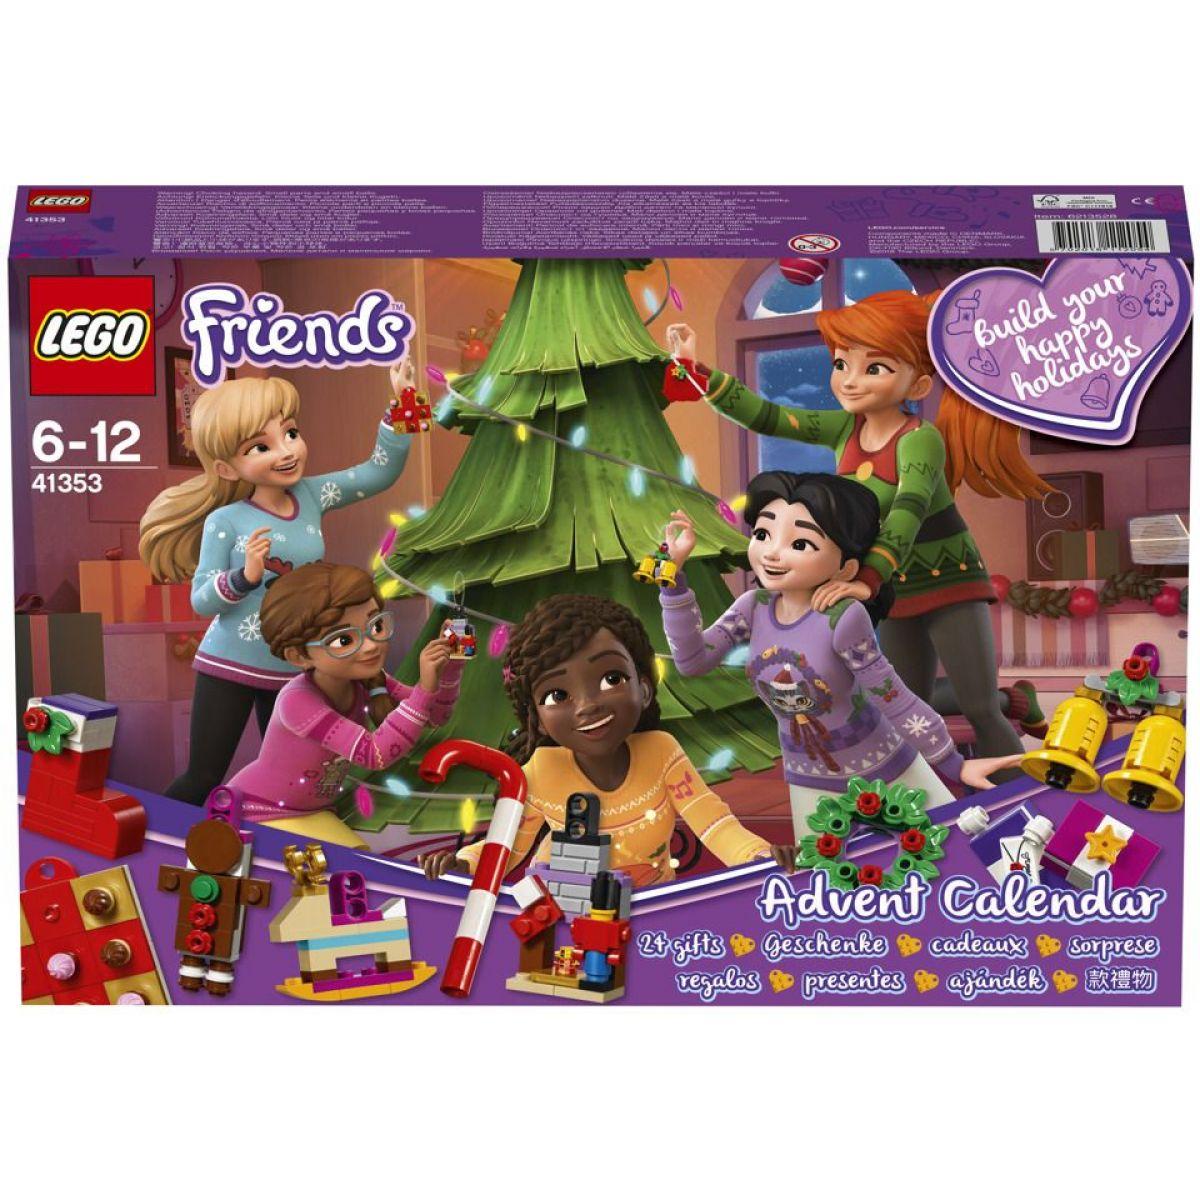 LEGO Friends 41353 Adventní kalendář - Poškozený obal